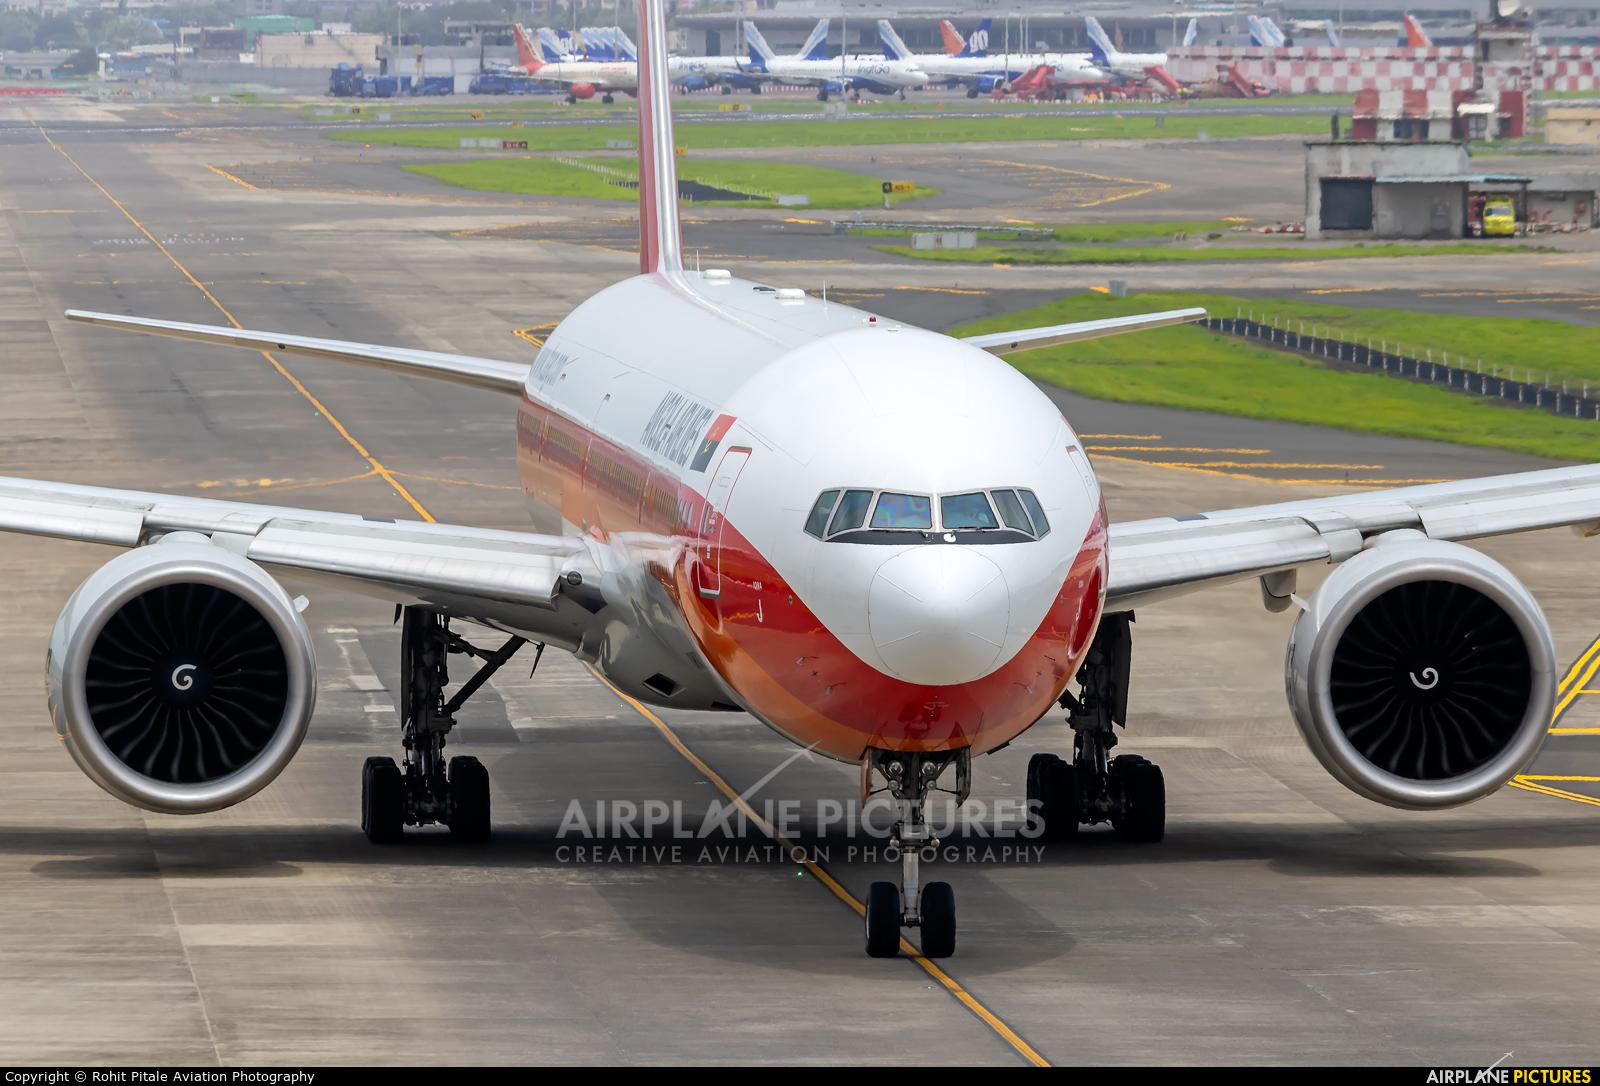 TAAG - Angola Airlines D2-TEJ aircraft at Mumbai - Chhatrapati Shivaji Intl